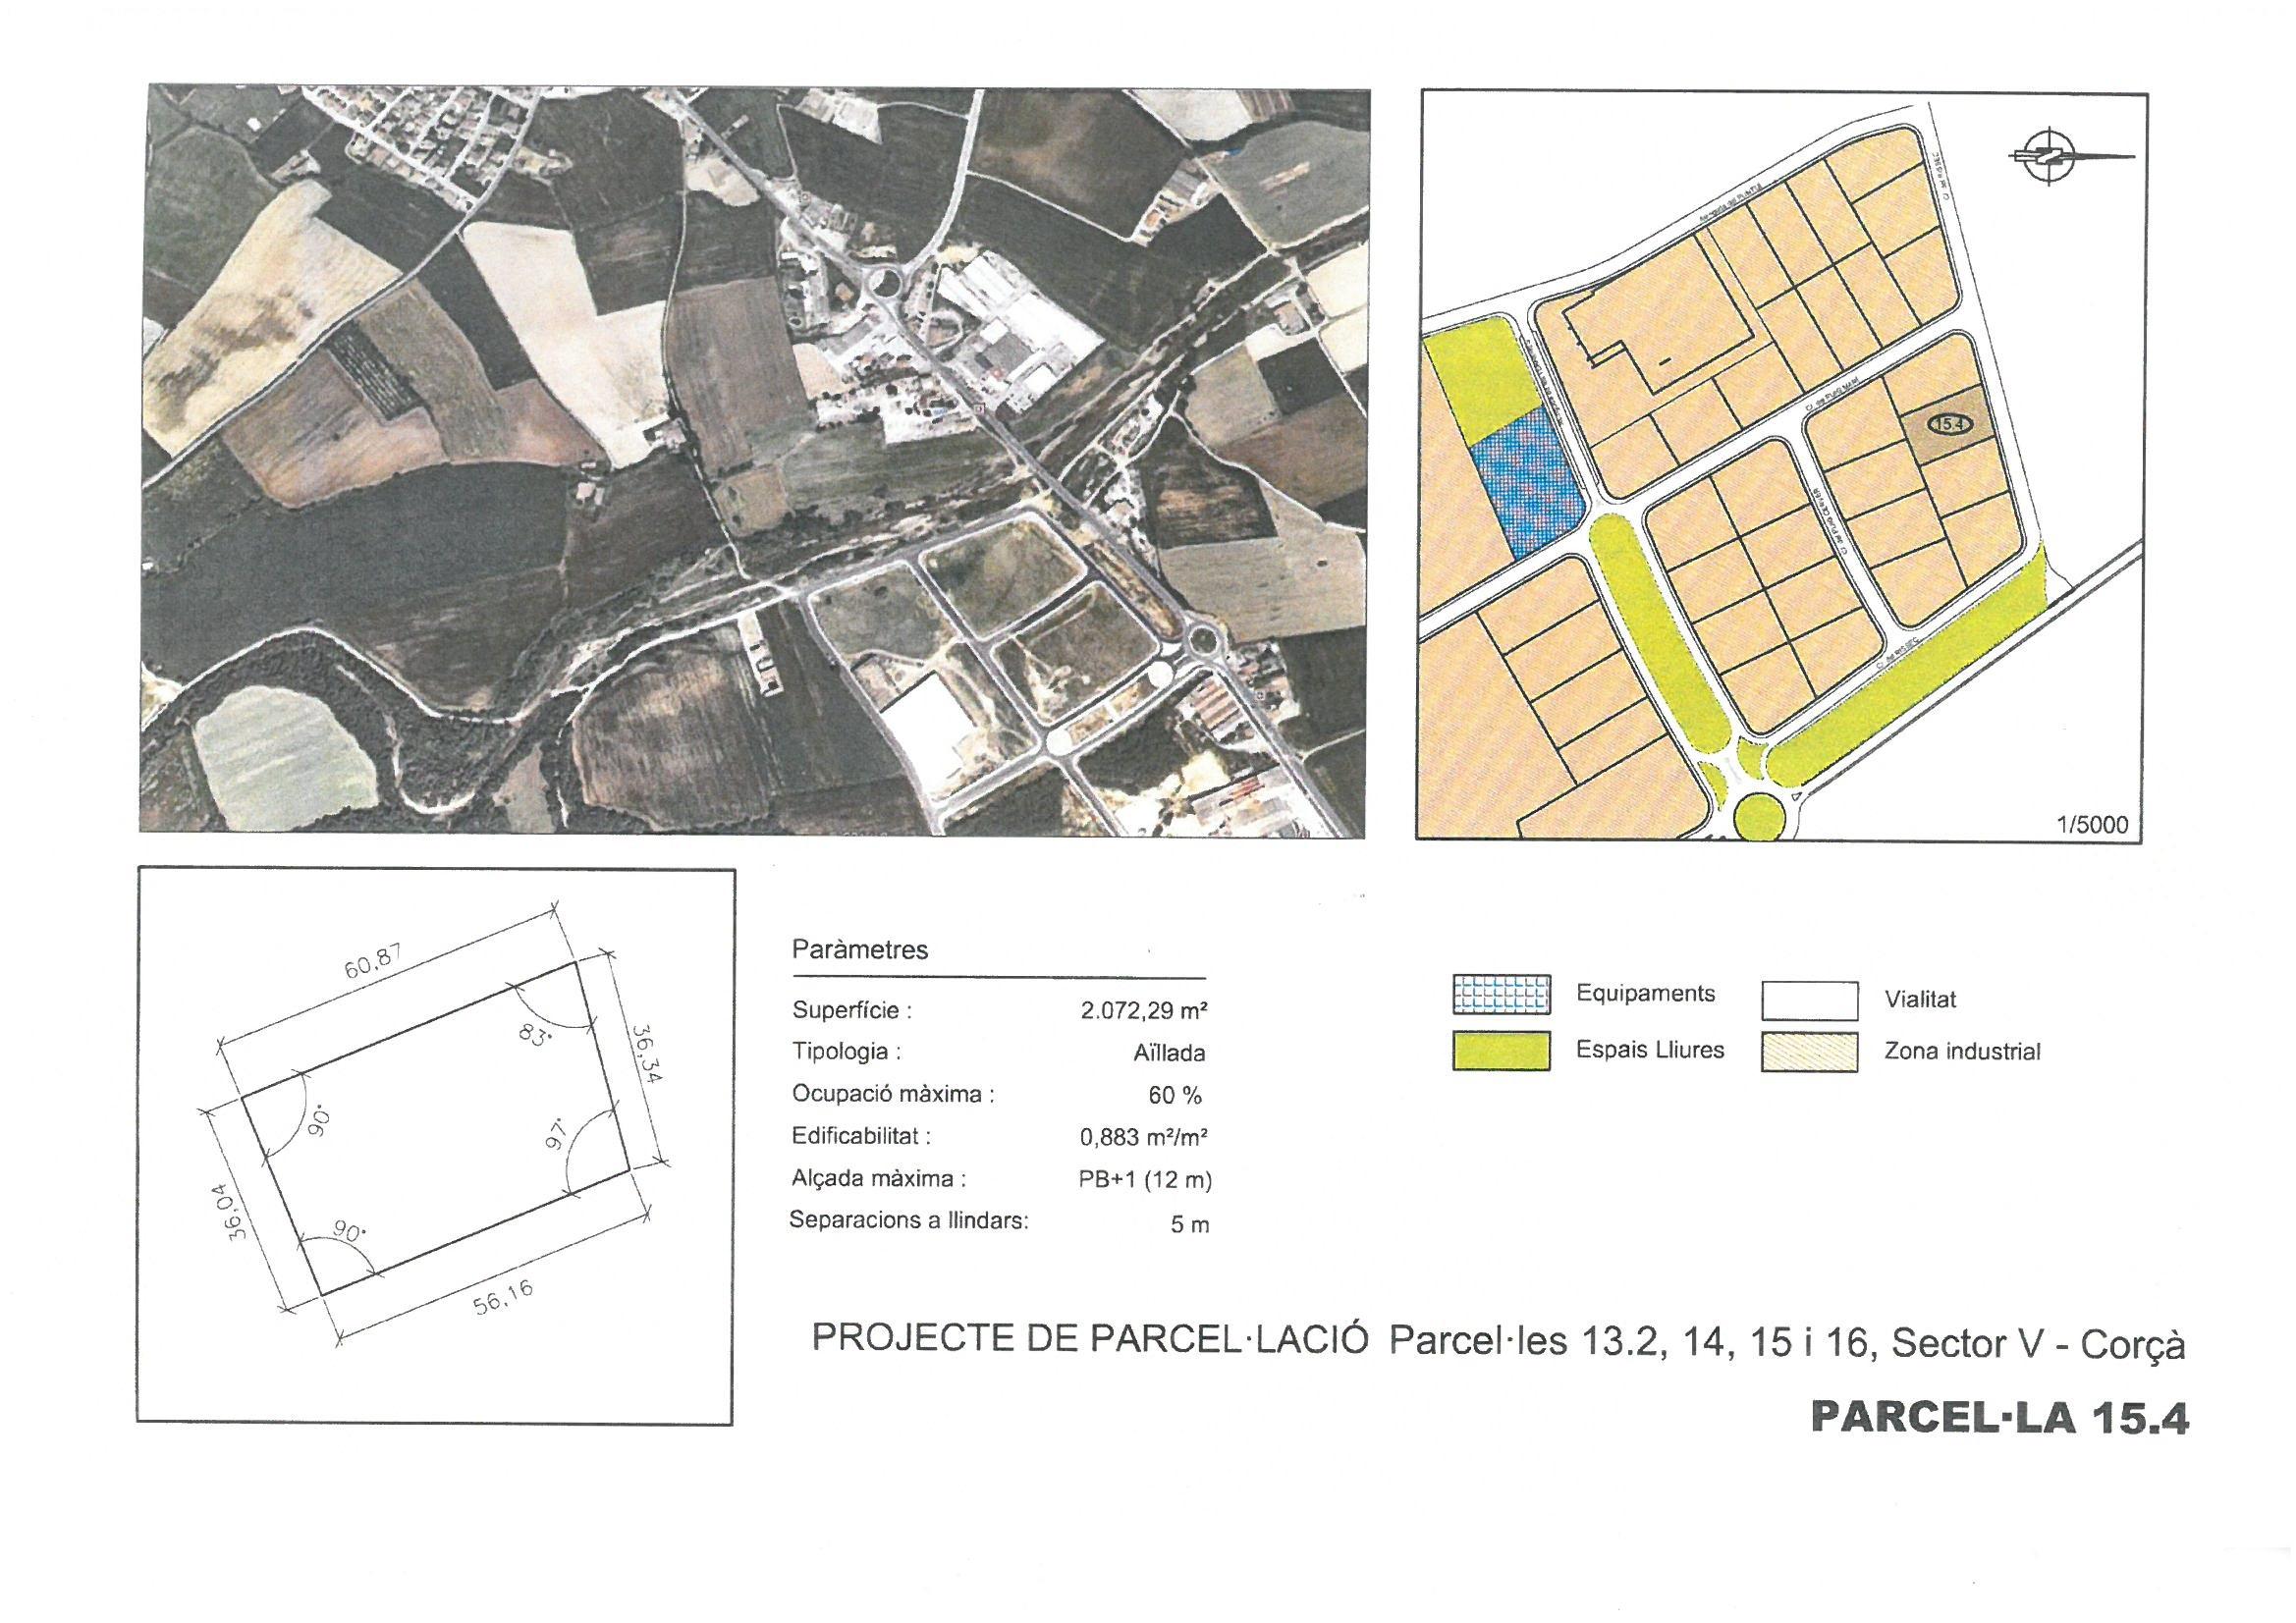 Terme municipal de Corcà, parcel•la 15.4